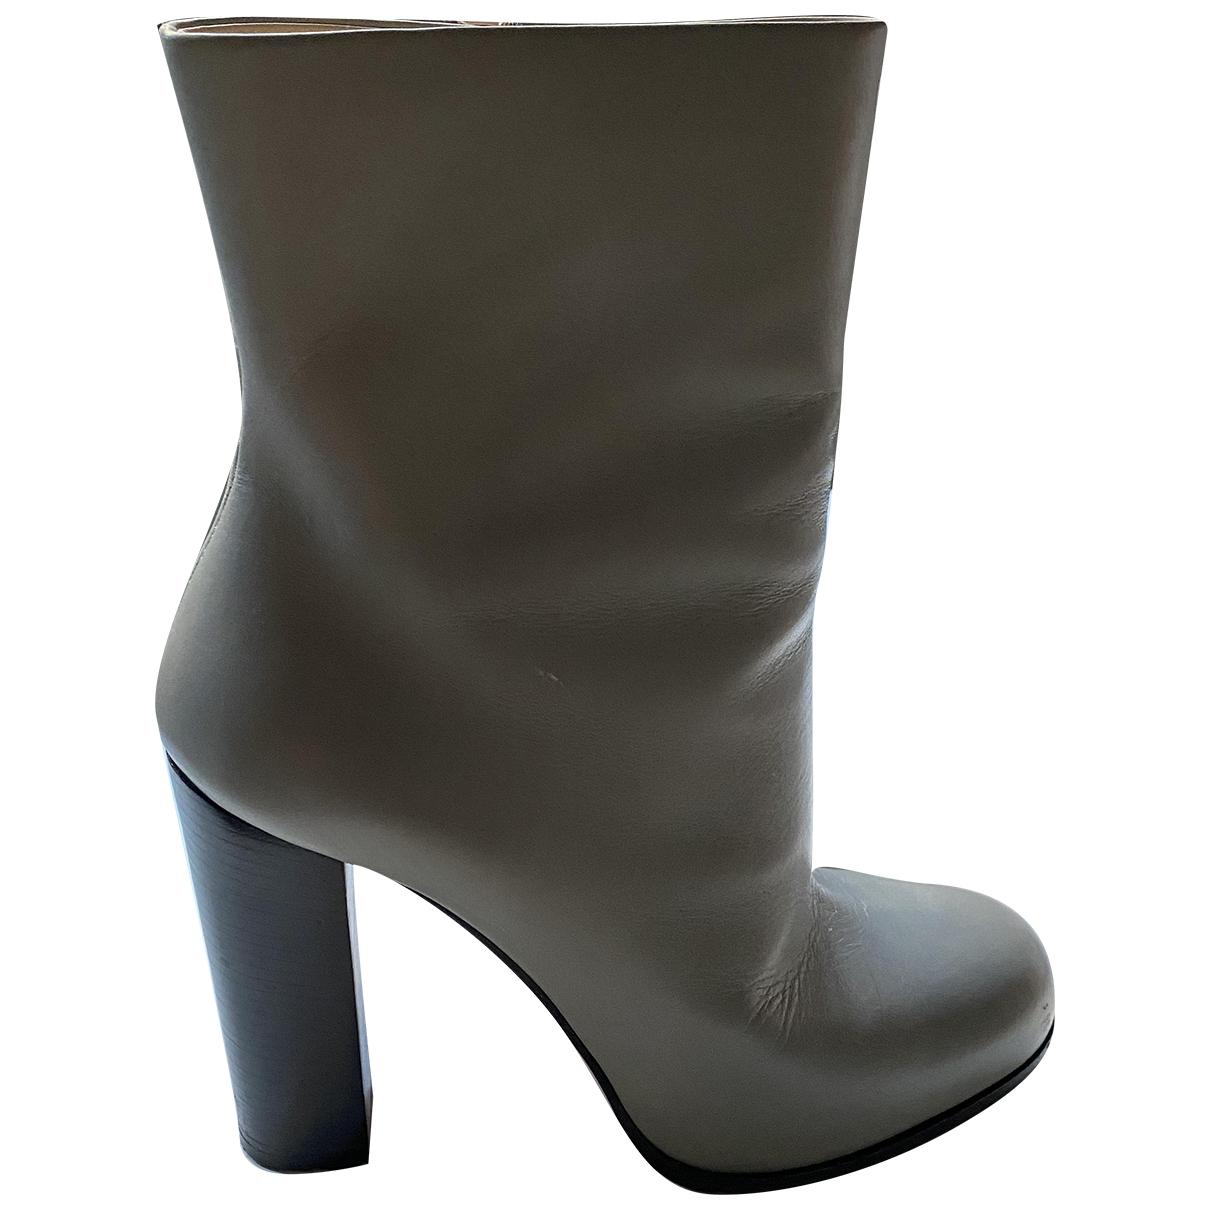 Celine - Boots   pour femme en cuir - gris